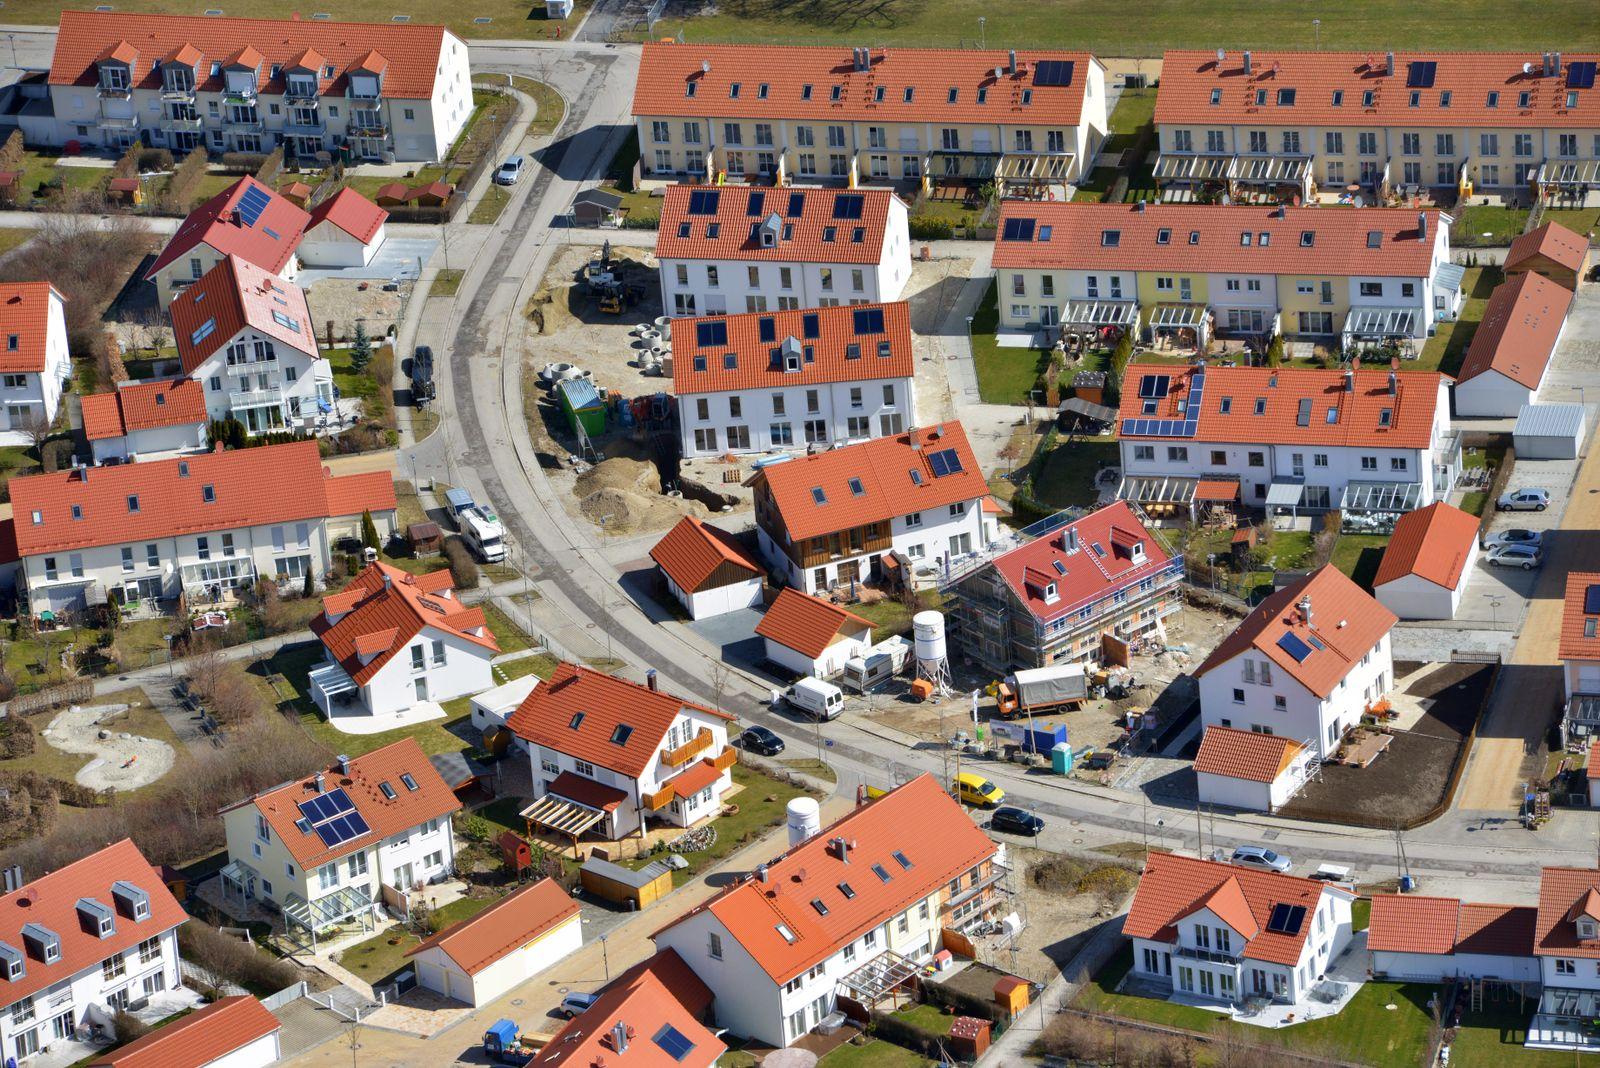 Immobilien / Neubauten München / Immobilienmarkt / Teuerste Städte